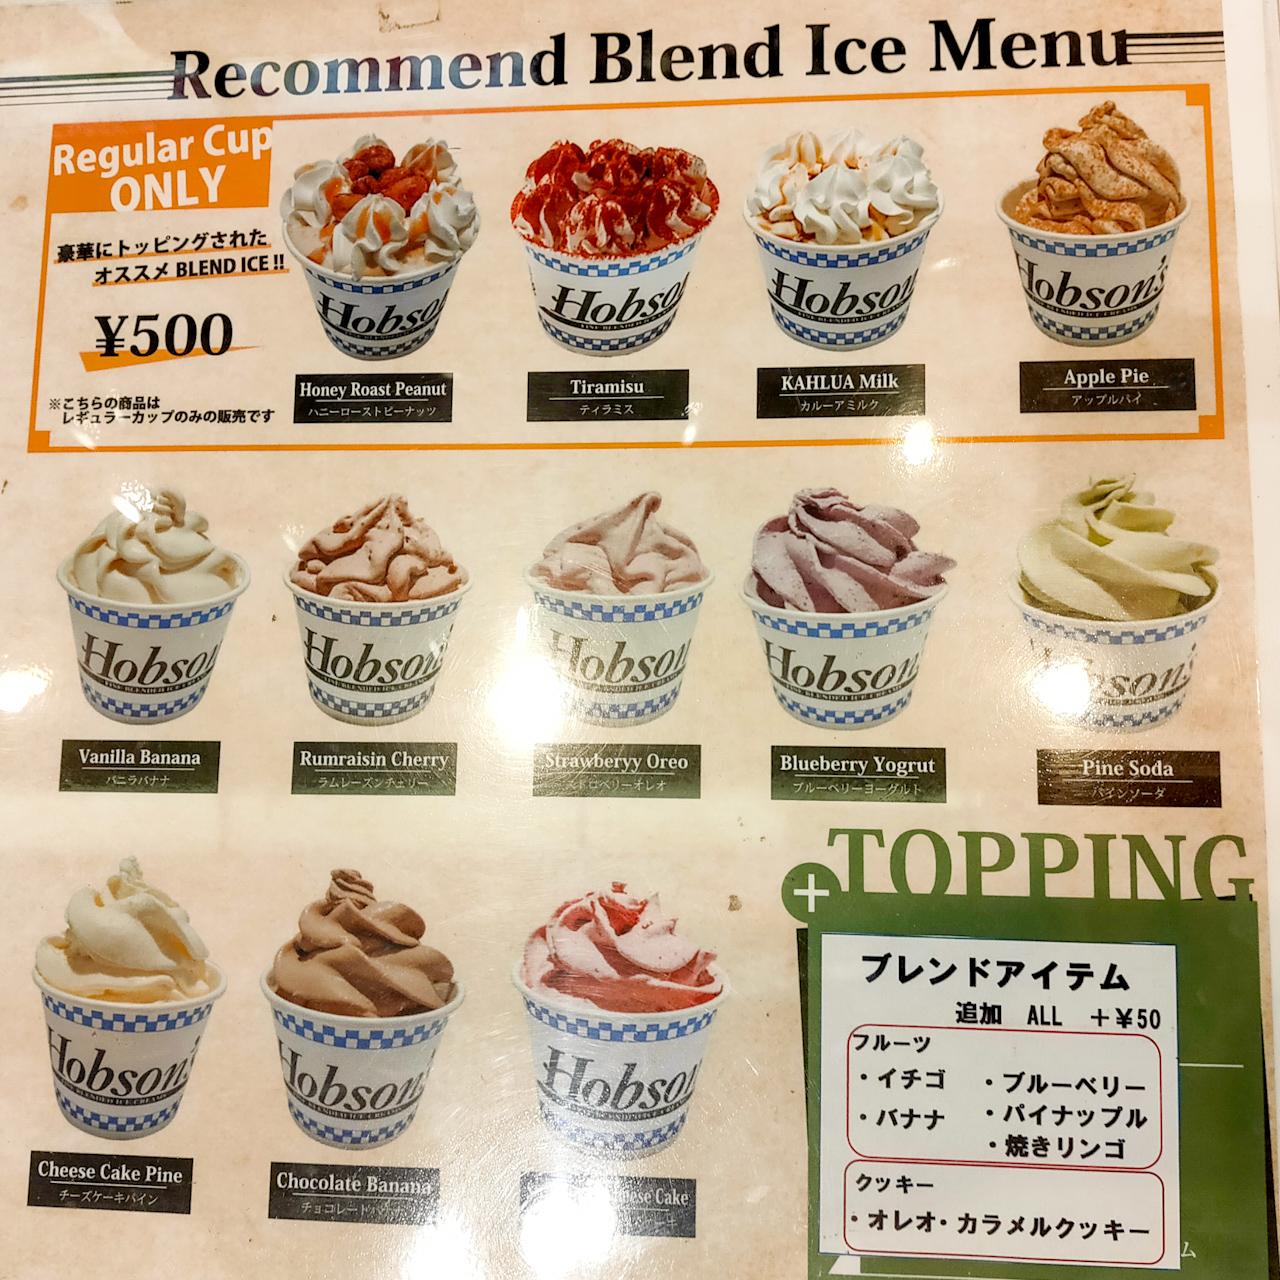 フルーツパフェのアイスは好きなものが選べます